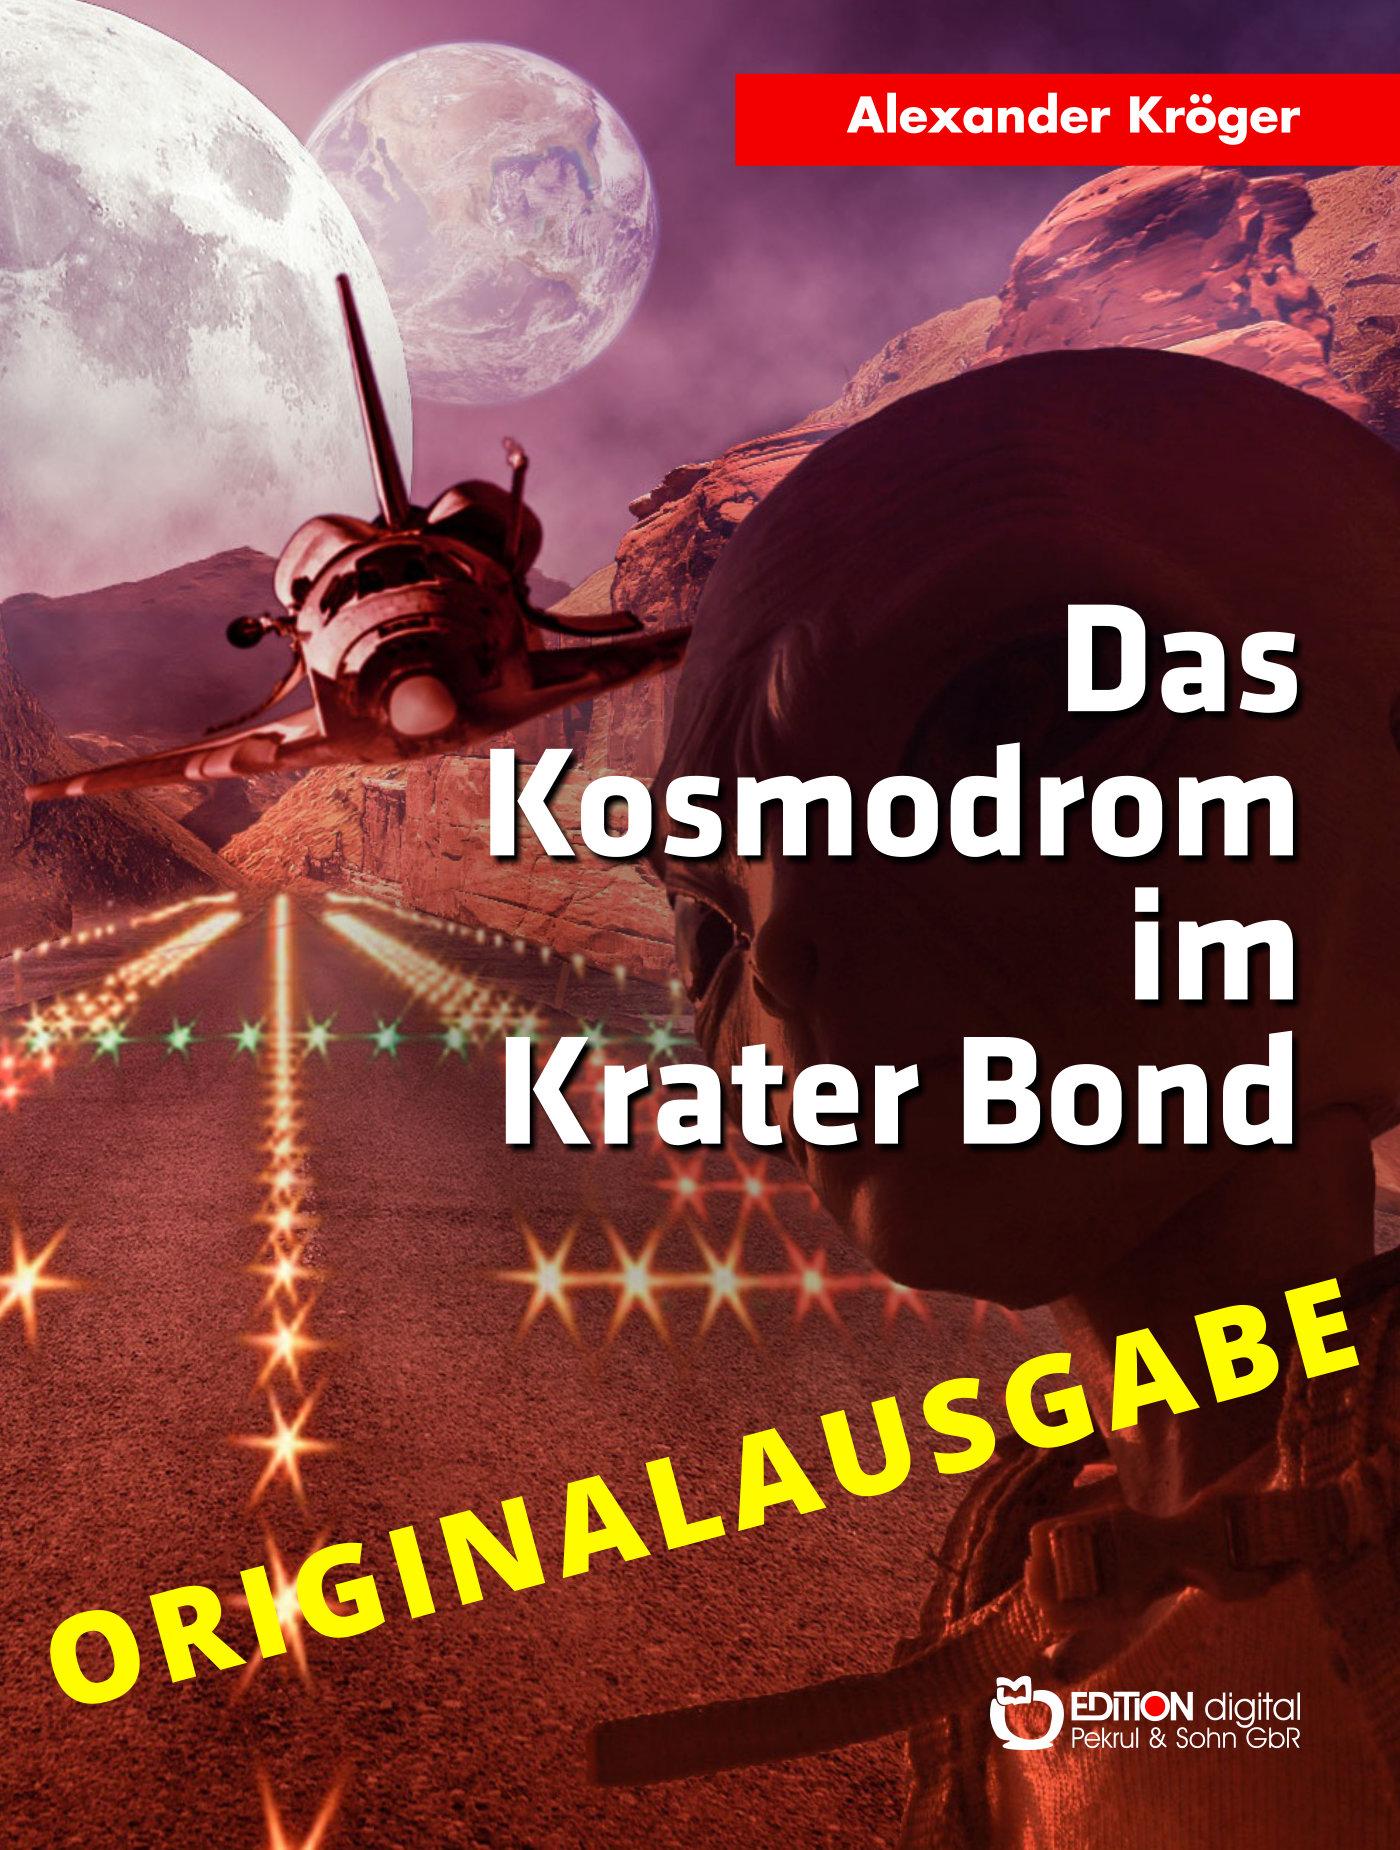 Das Kosmodrom im Krater Bond - Originalausgabe. Wissenschaftlich-phantastischer Roman von Alexander Kröger